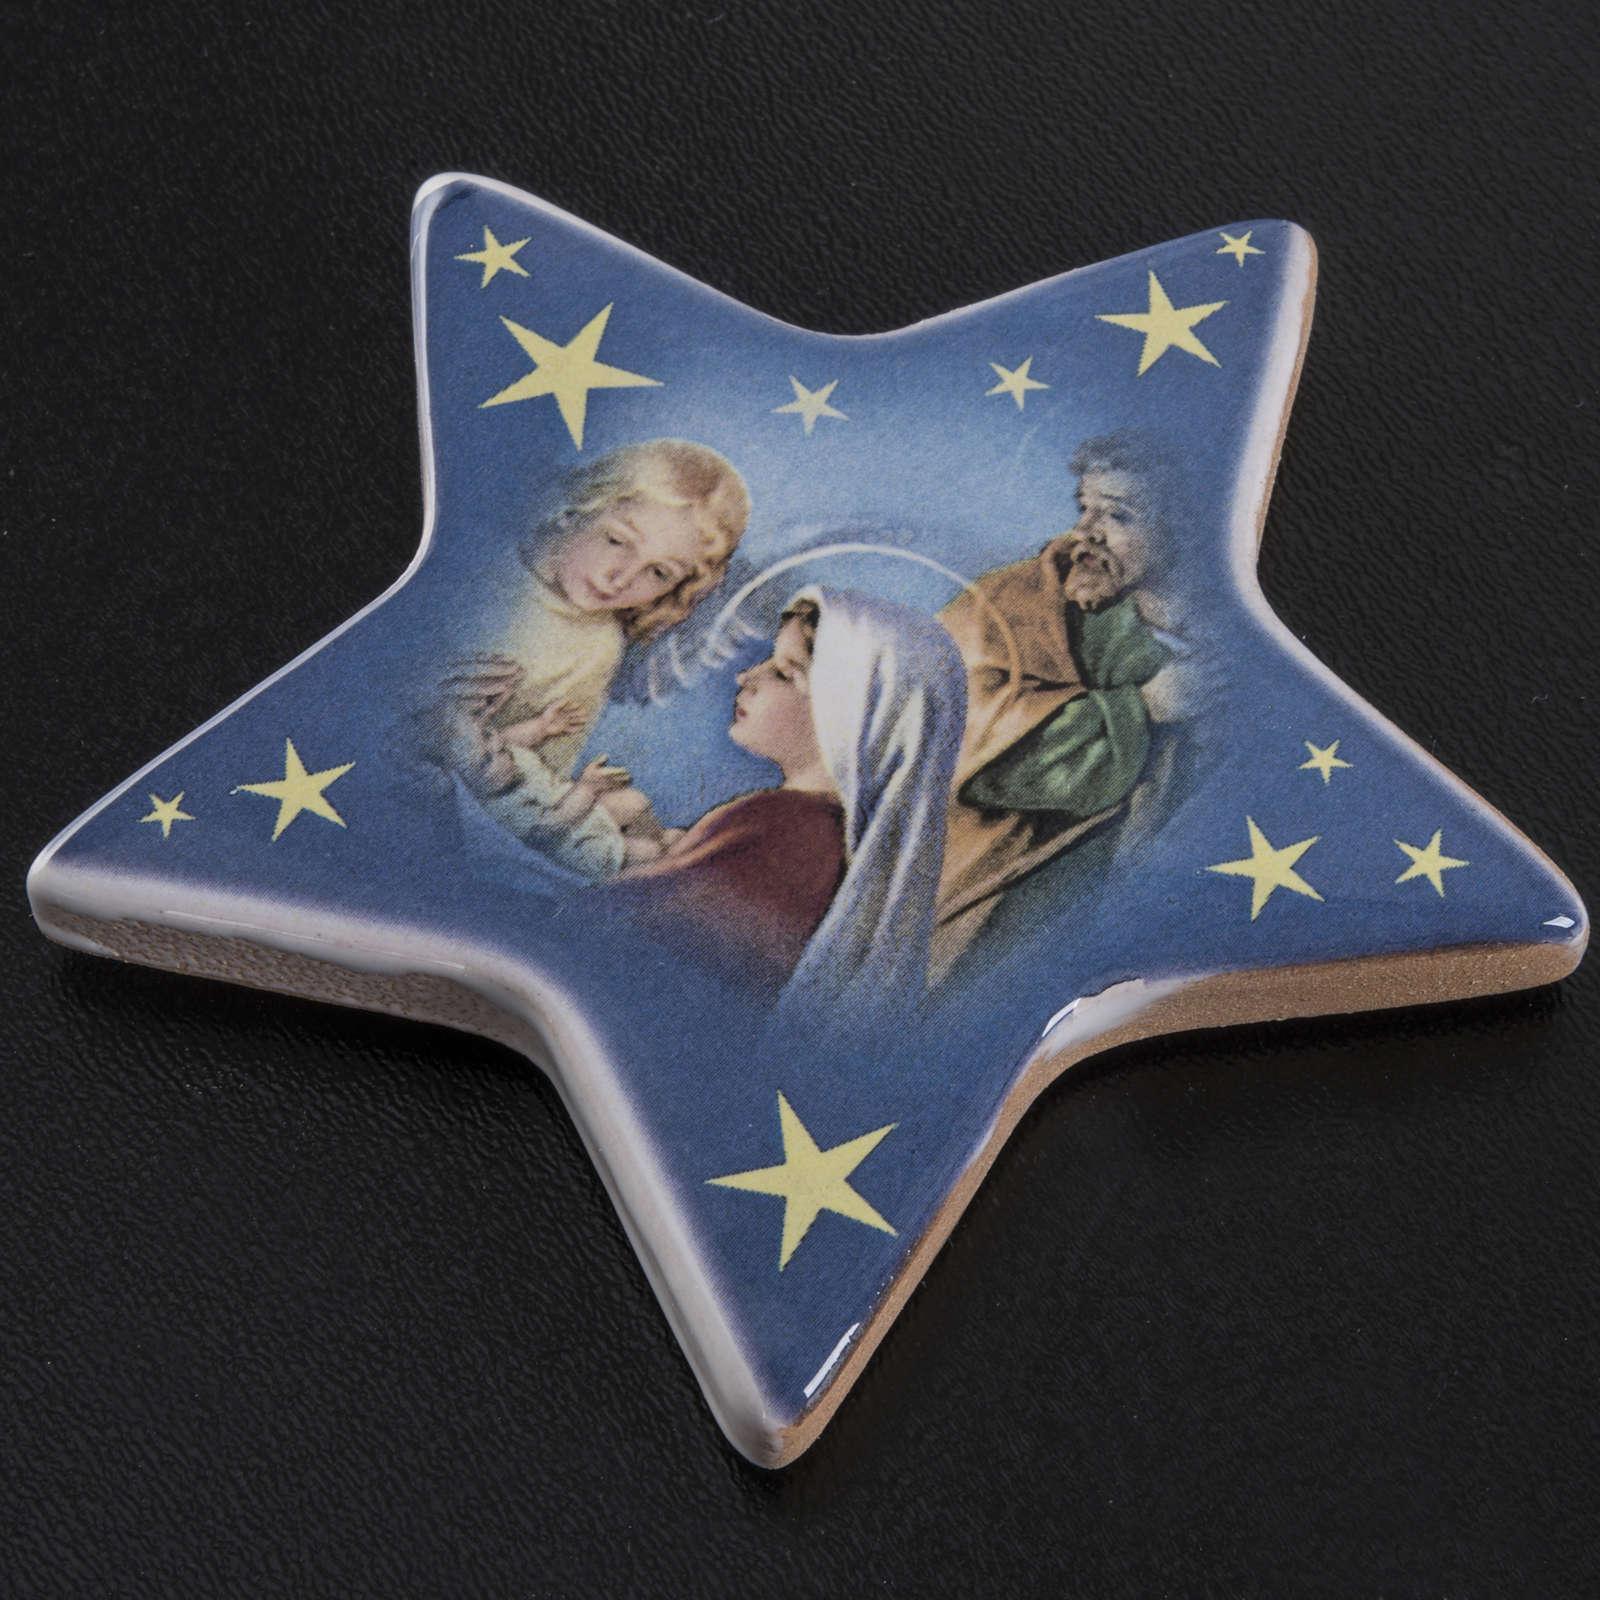 Star magnet terracotta manger scene. 3